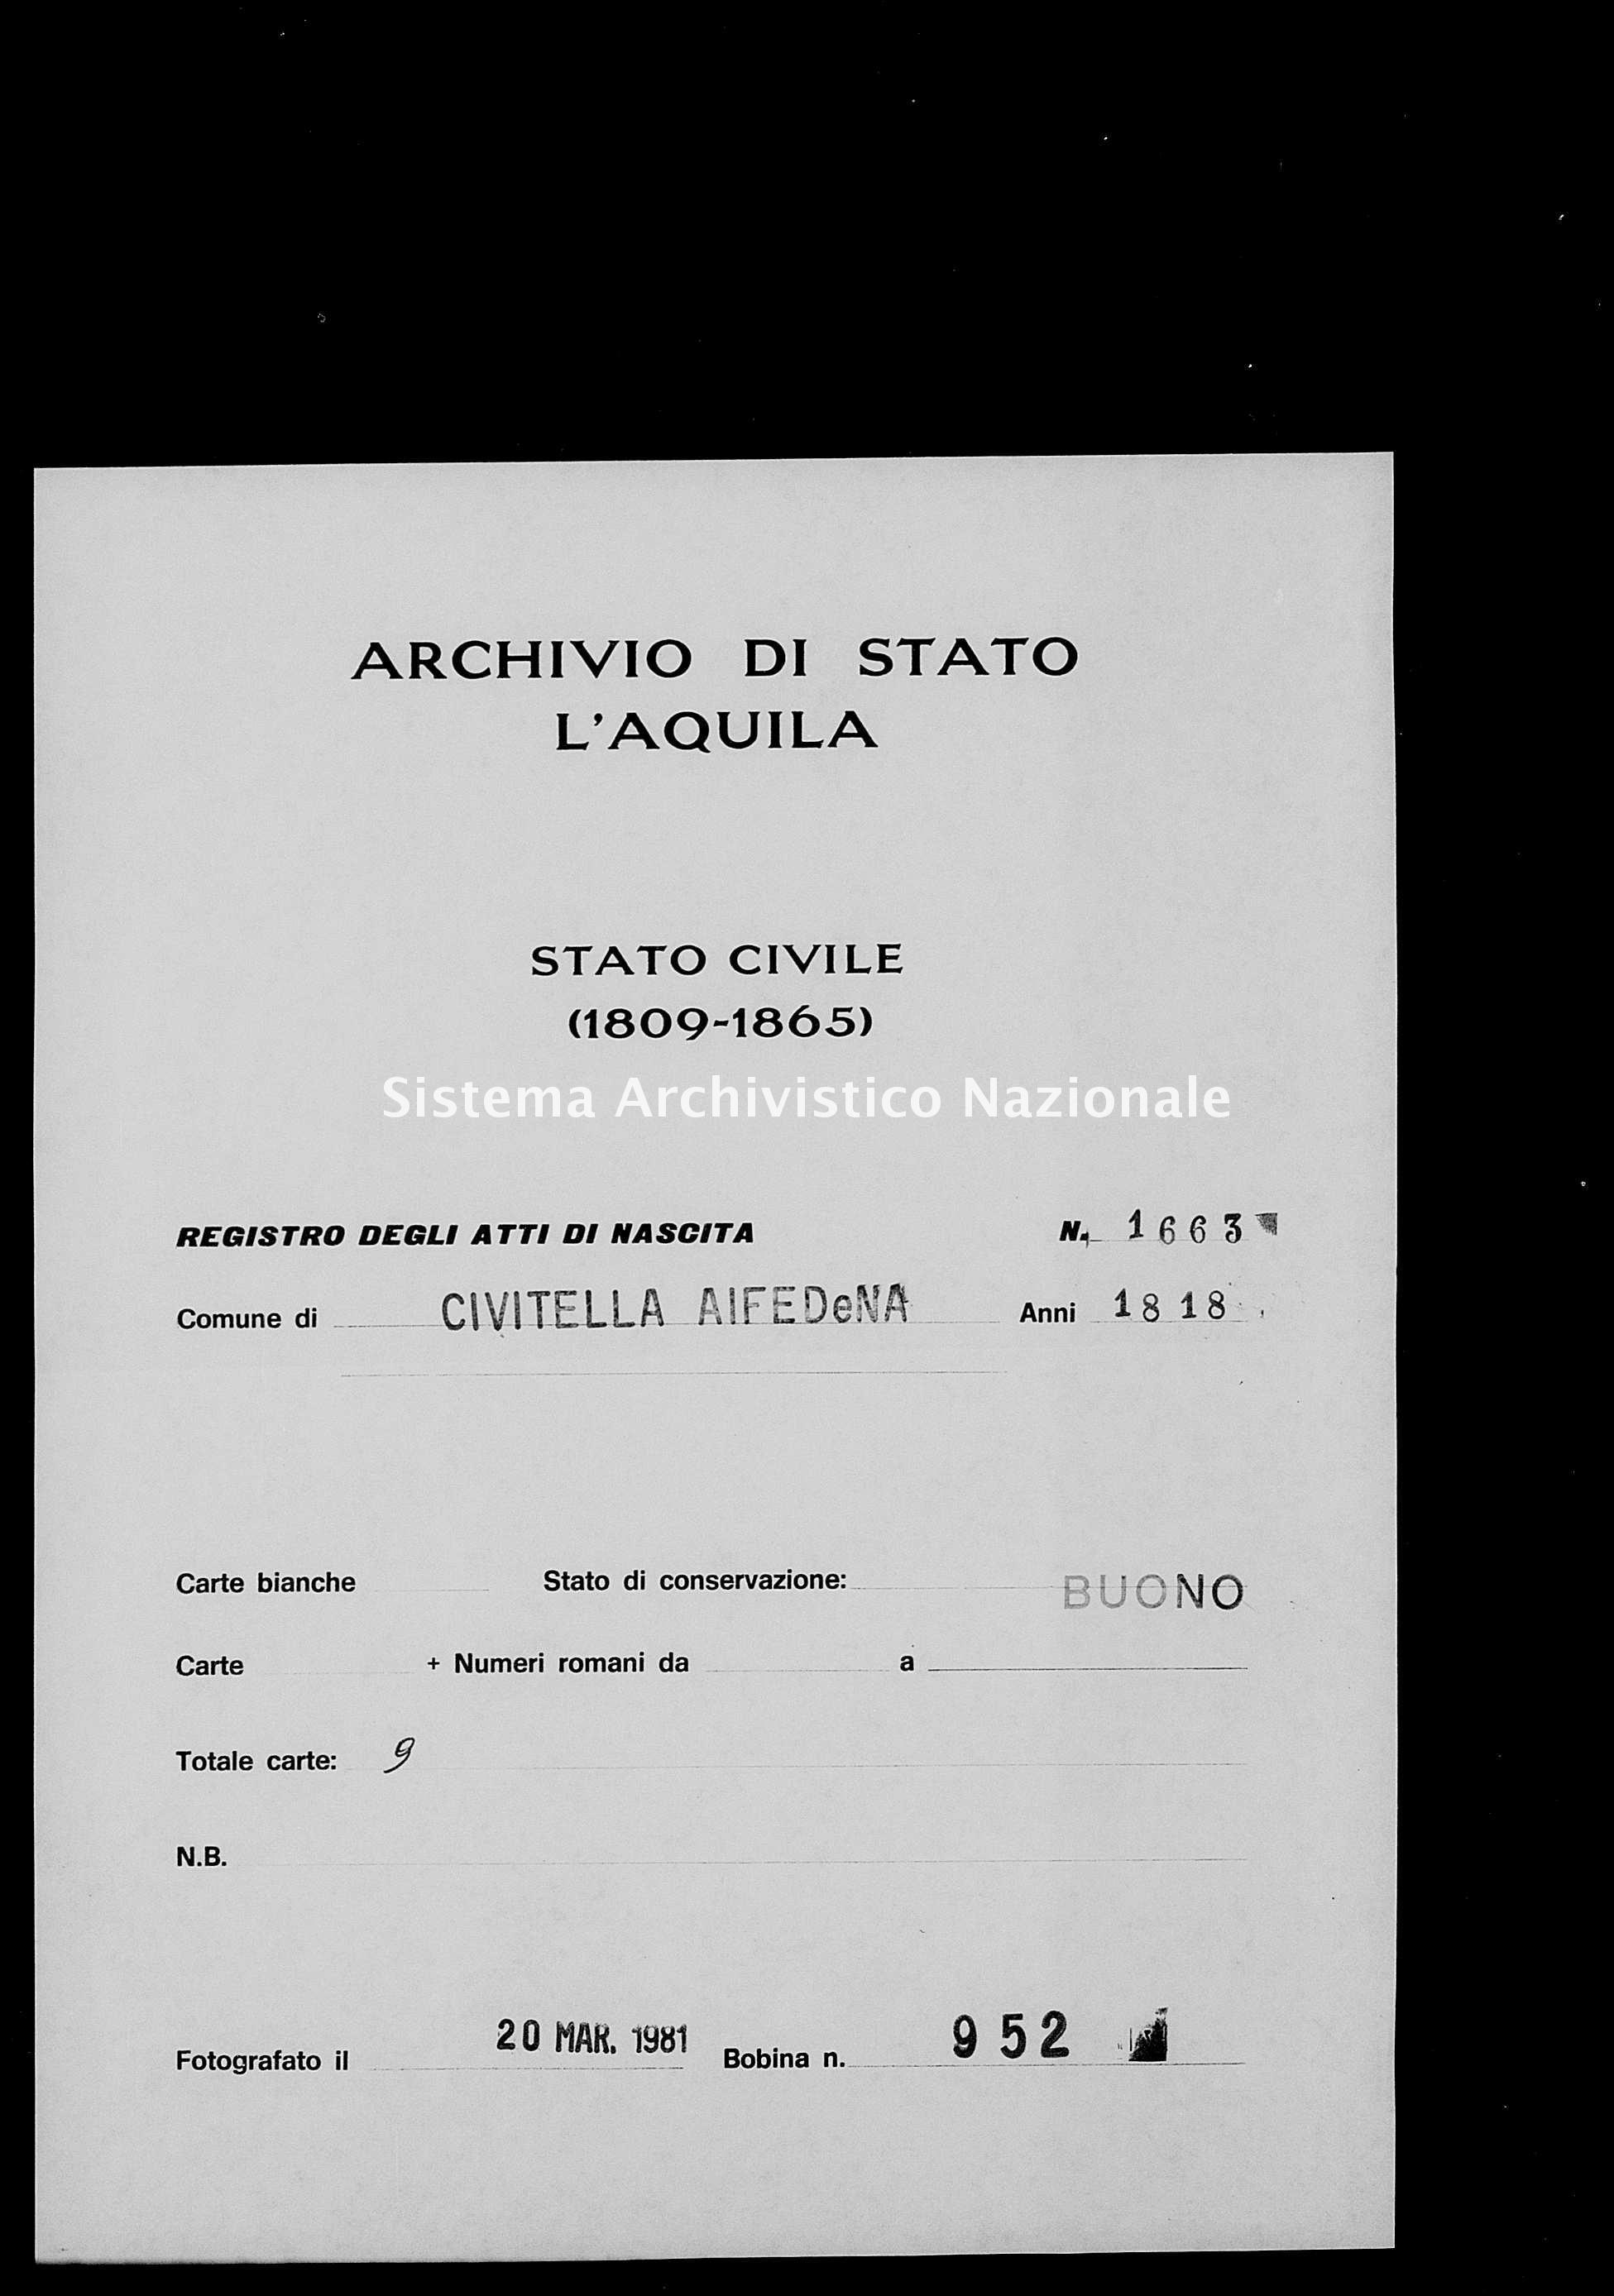 Archivio di stato di L'aquila - Stato civile della restaurazione - Civitella Alfedena - Nati - 1818 - 1663 -